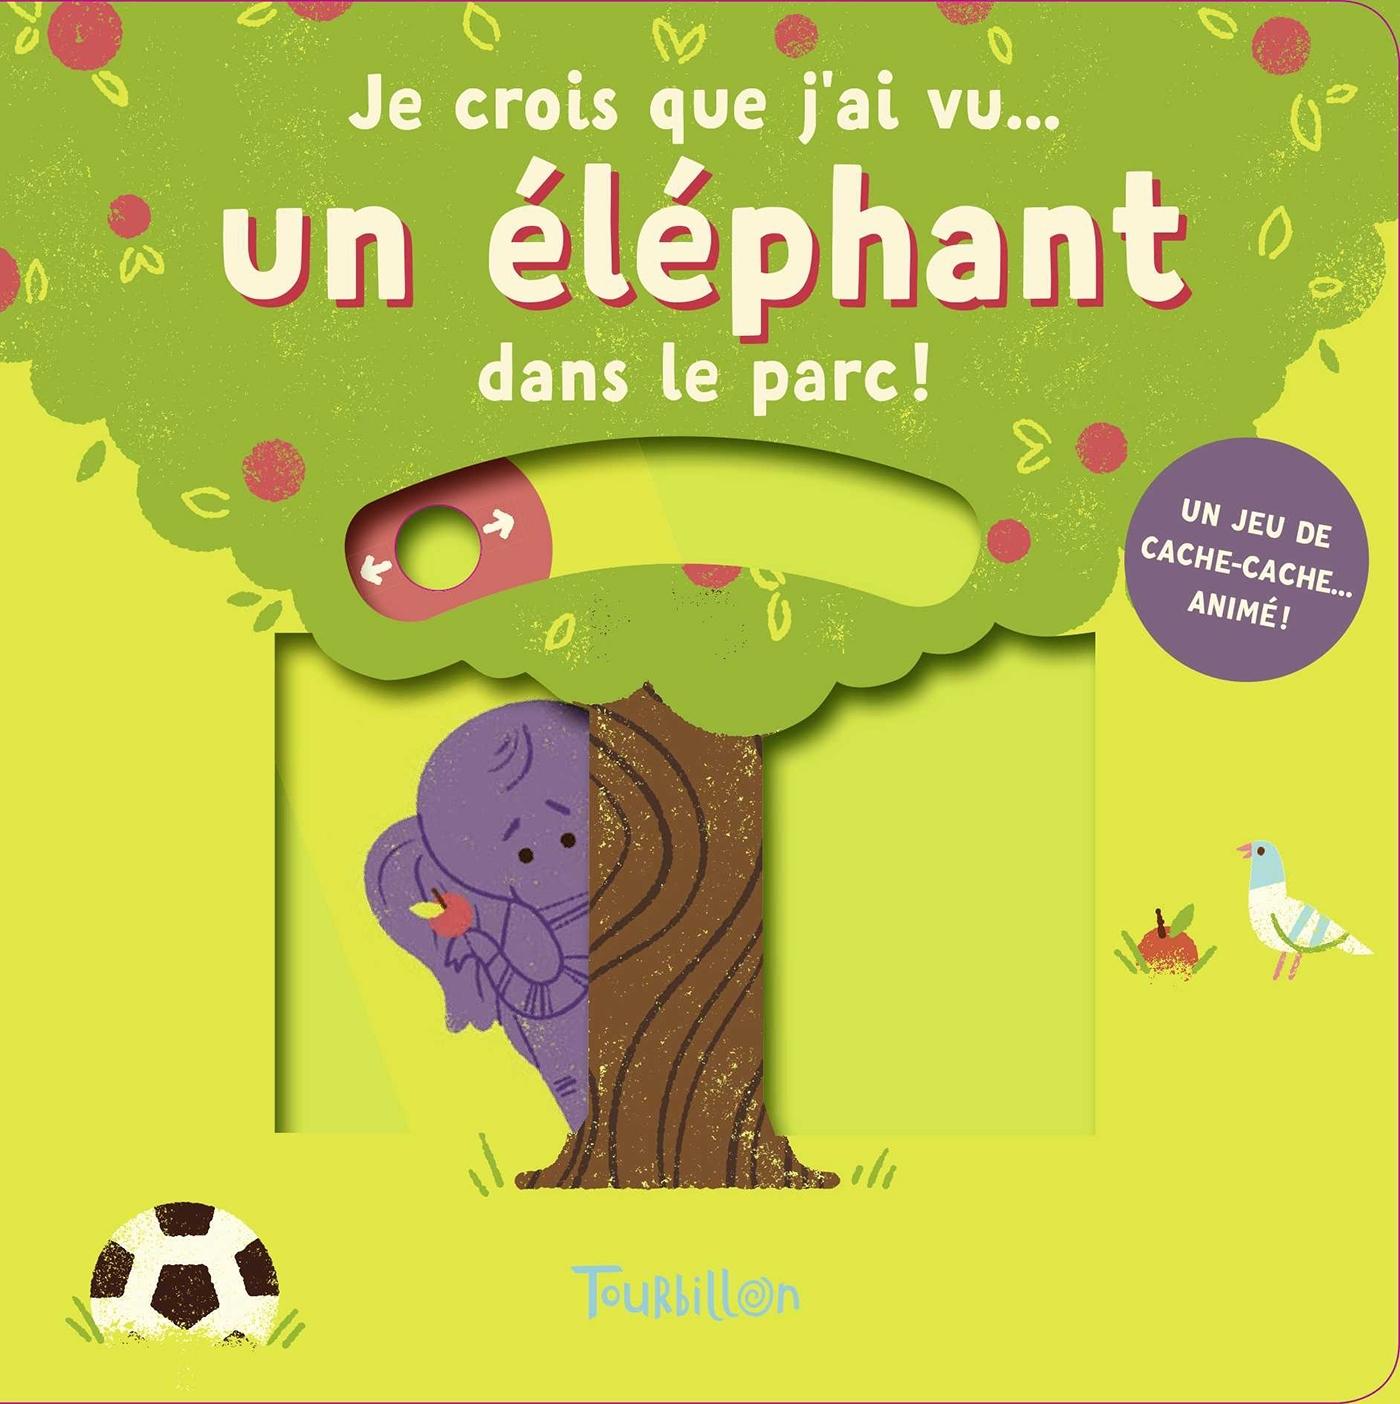 JE CROIS QUE J'AI VU... UN ELEPHANT DANS LE PARC !